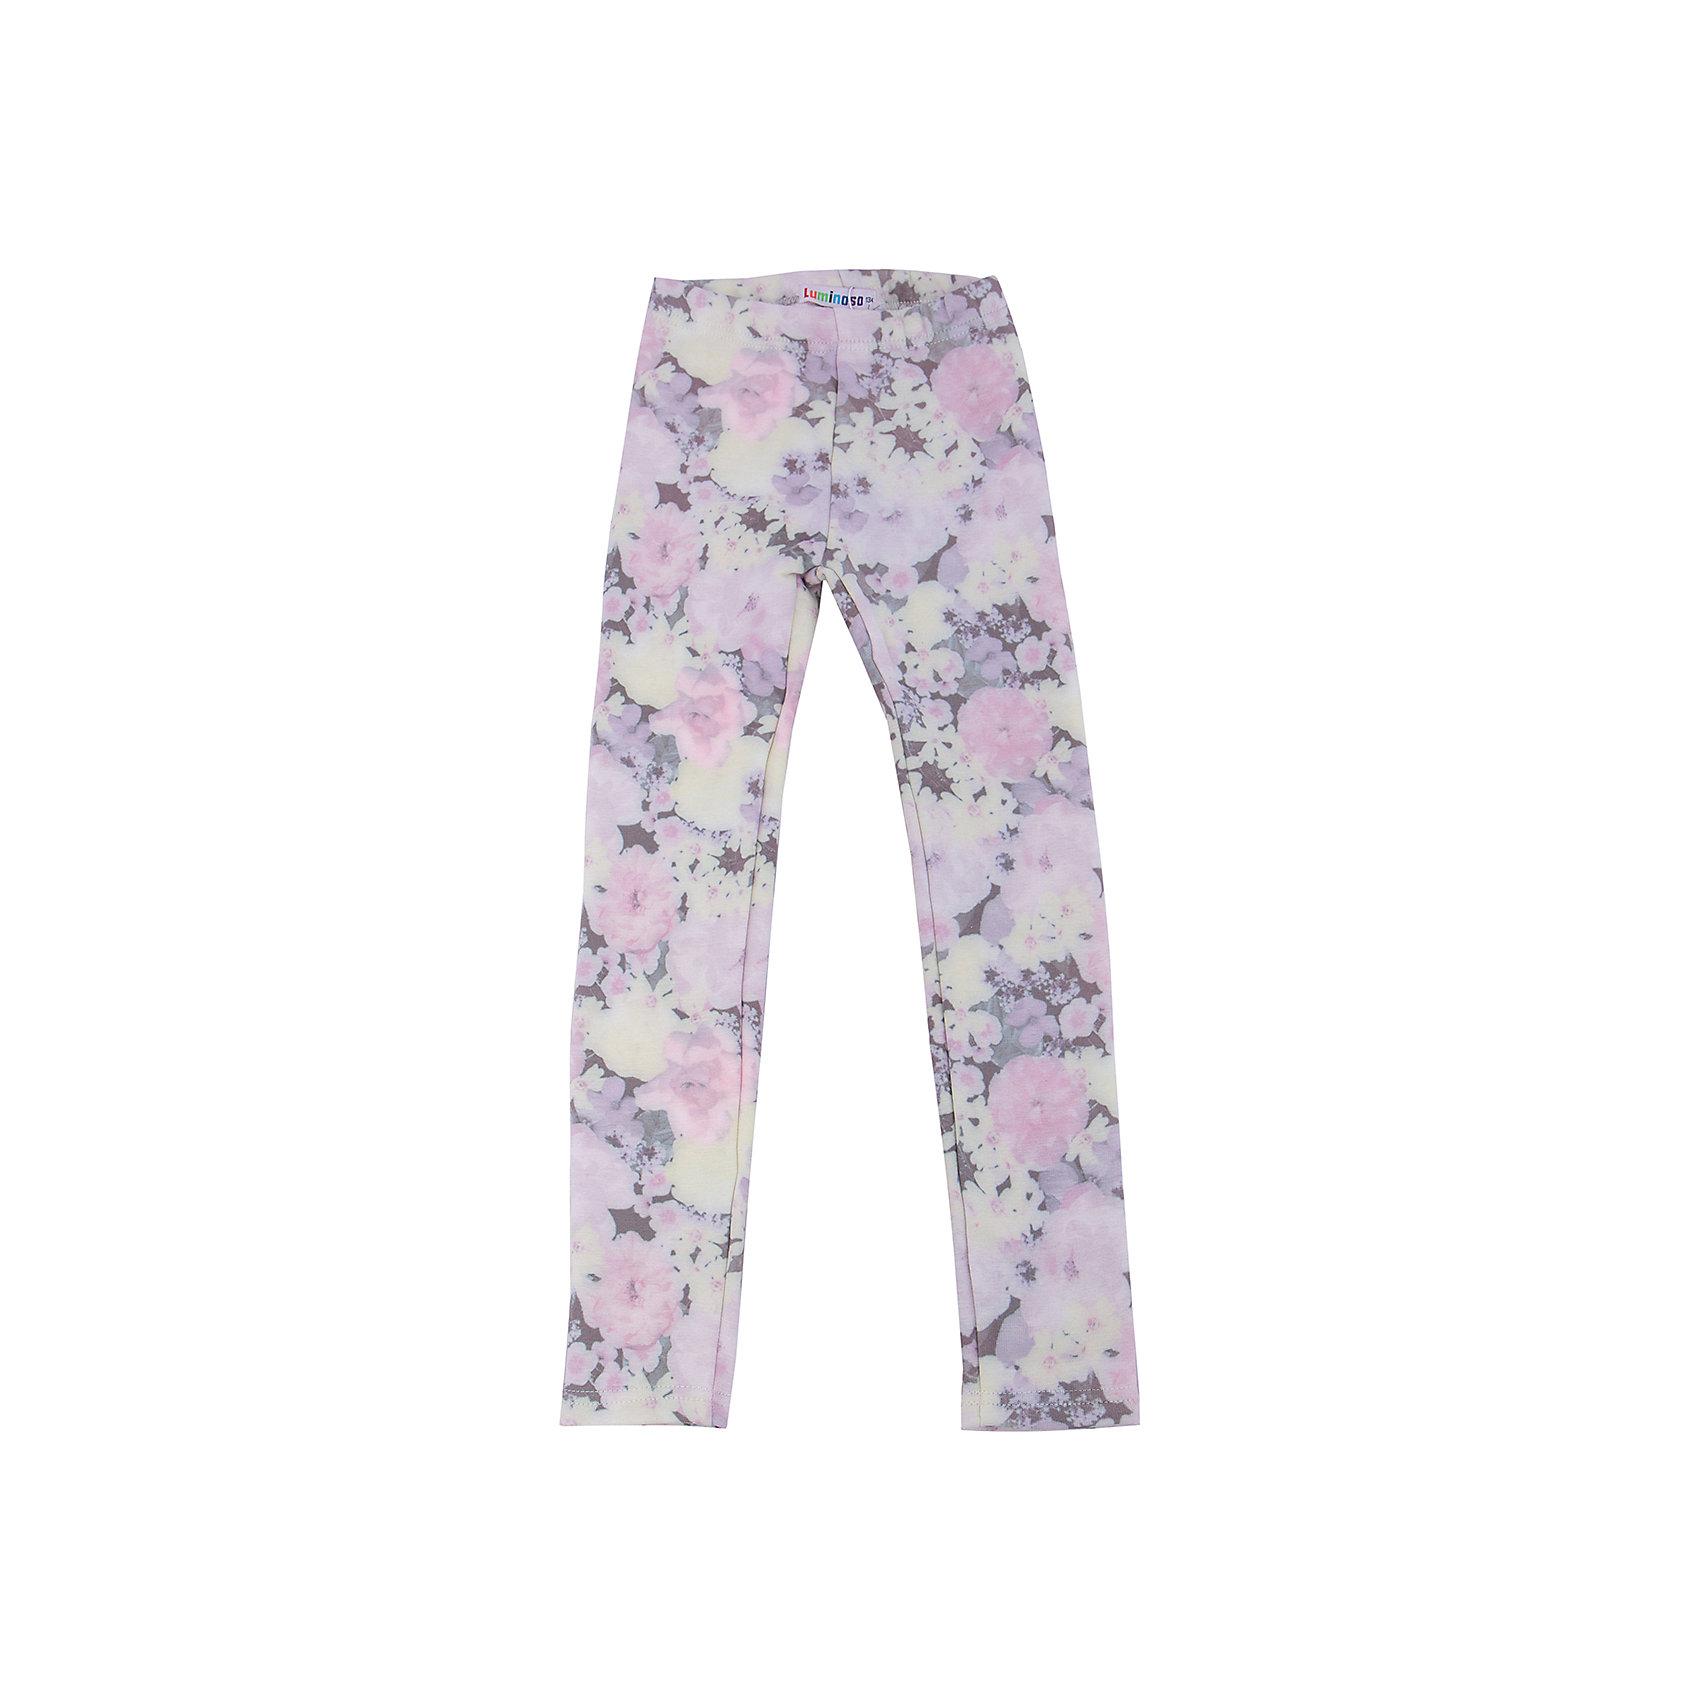 Леггинсы для девочки LuminosoХарактеристики товара:<br><br>- цвет: разноцветный;<br>- материал: 80% хлопок, 20% полиэстер;<br>- трикотаж;<br>- мягкая резинка в поясе.<br><br>Стильная одежда от бренда Luminoso (Люминосо), созданная при участии итальянских дизайнеров, учитывает потребности подростков и последние веяния моды. Она удобная и модная.<br>Эти стильные джеггинсы подходят для ежедневного ношения. Они хорошо сидят на ребенке, обеспечивают комфорт и отлично сочетаются с одежной разных стилей. Модель отличается высоким качеством материала и продуманным дизайном. Натуральный хлопок в составе изделия делает его дышащим, приятным на ощупь и гипоаллергеным.<br><br>Брюки для девочки от бренда Luminoso (Люминосо) можно купить в нашем интернет-магазине.<br><br>Ширина мм: 123<br>Глубина мм: 10<br>Высота мм: 149<br>Вес г: 209<br>Цвет: розовый<br>Возраст от месяцев: 156<br>Возраст до месяцев: 168<br>Пол: Женский<br>Возраст: Детский<br>Размер: 164,158,152,146,140,134<br>SKU: 4929647